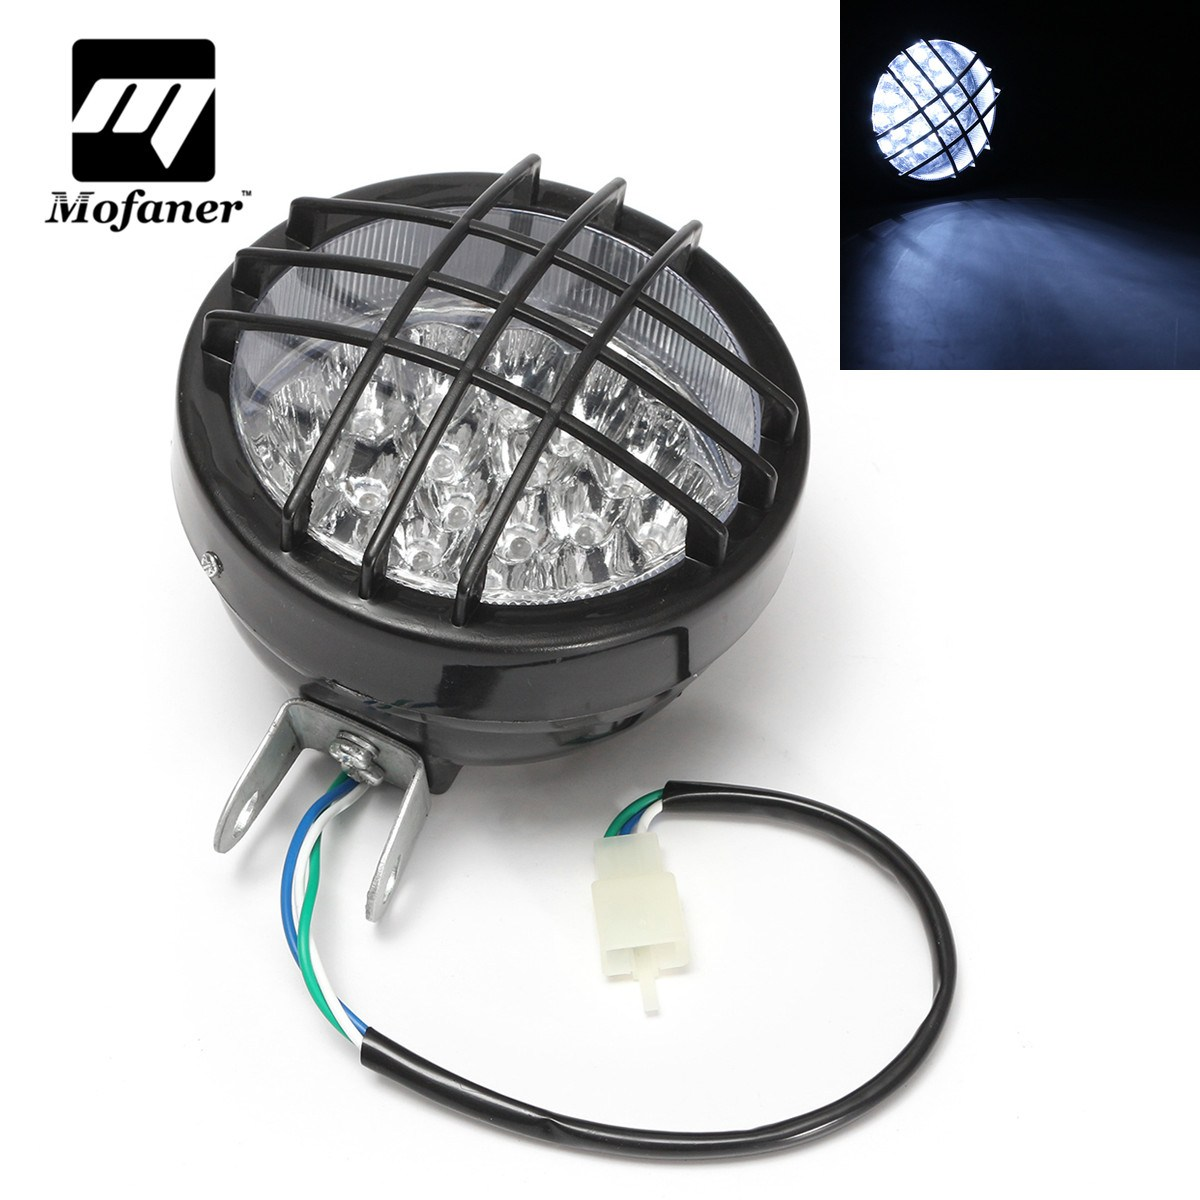 Mofaner 12 v Front LED Motorrad ATV Scheinwerfer Nebel Lampe Für ATV Quad 4 Wheeler Go Kart Roketa SunL Taotao